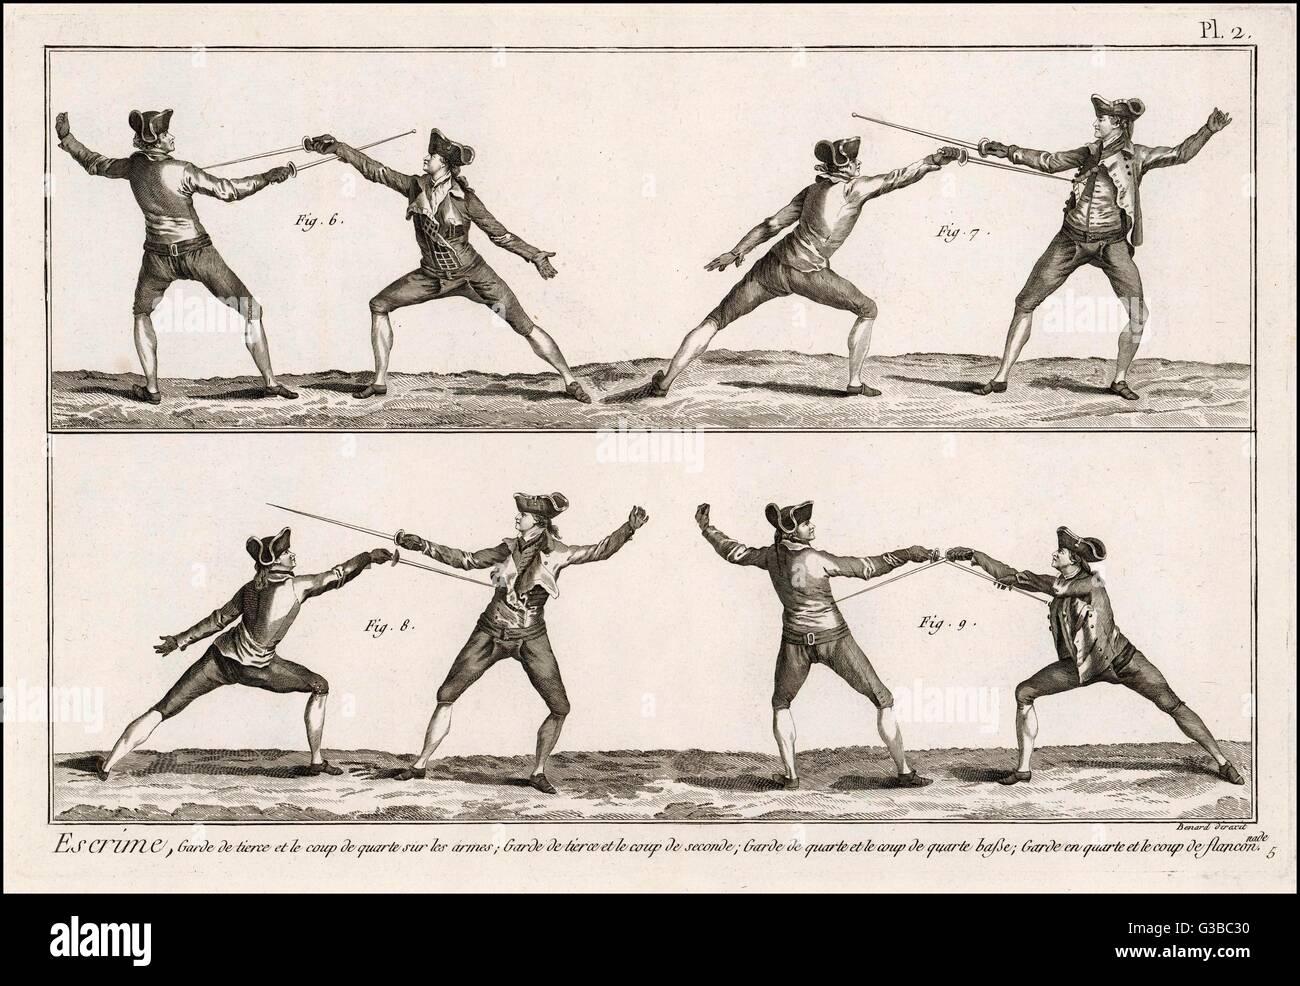 L'istruzione nell'arte della scherma. 2 di 9 Data: tardo XVIII secolo Immagini Stock